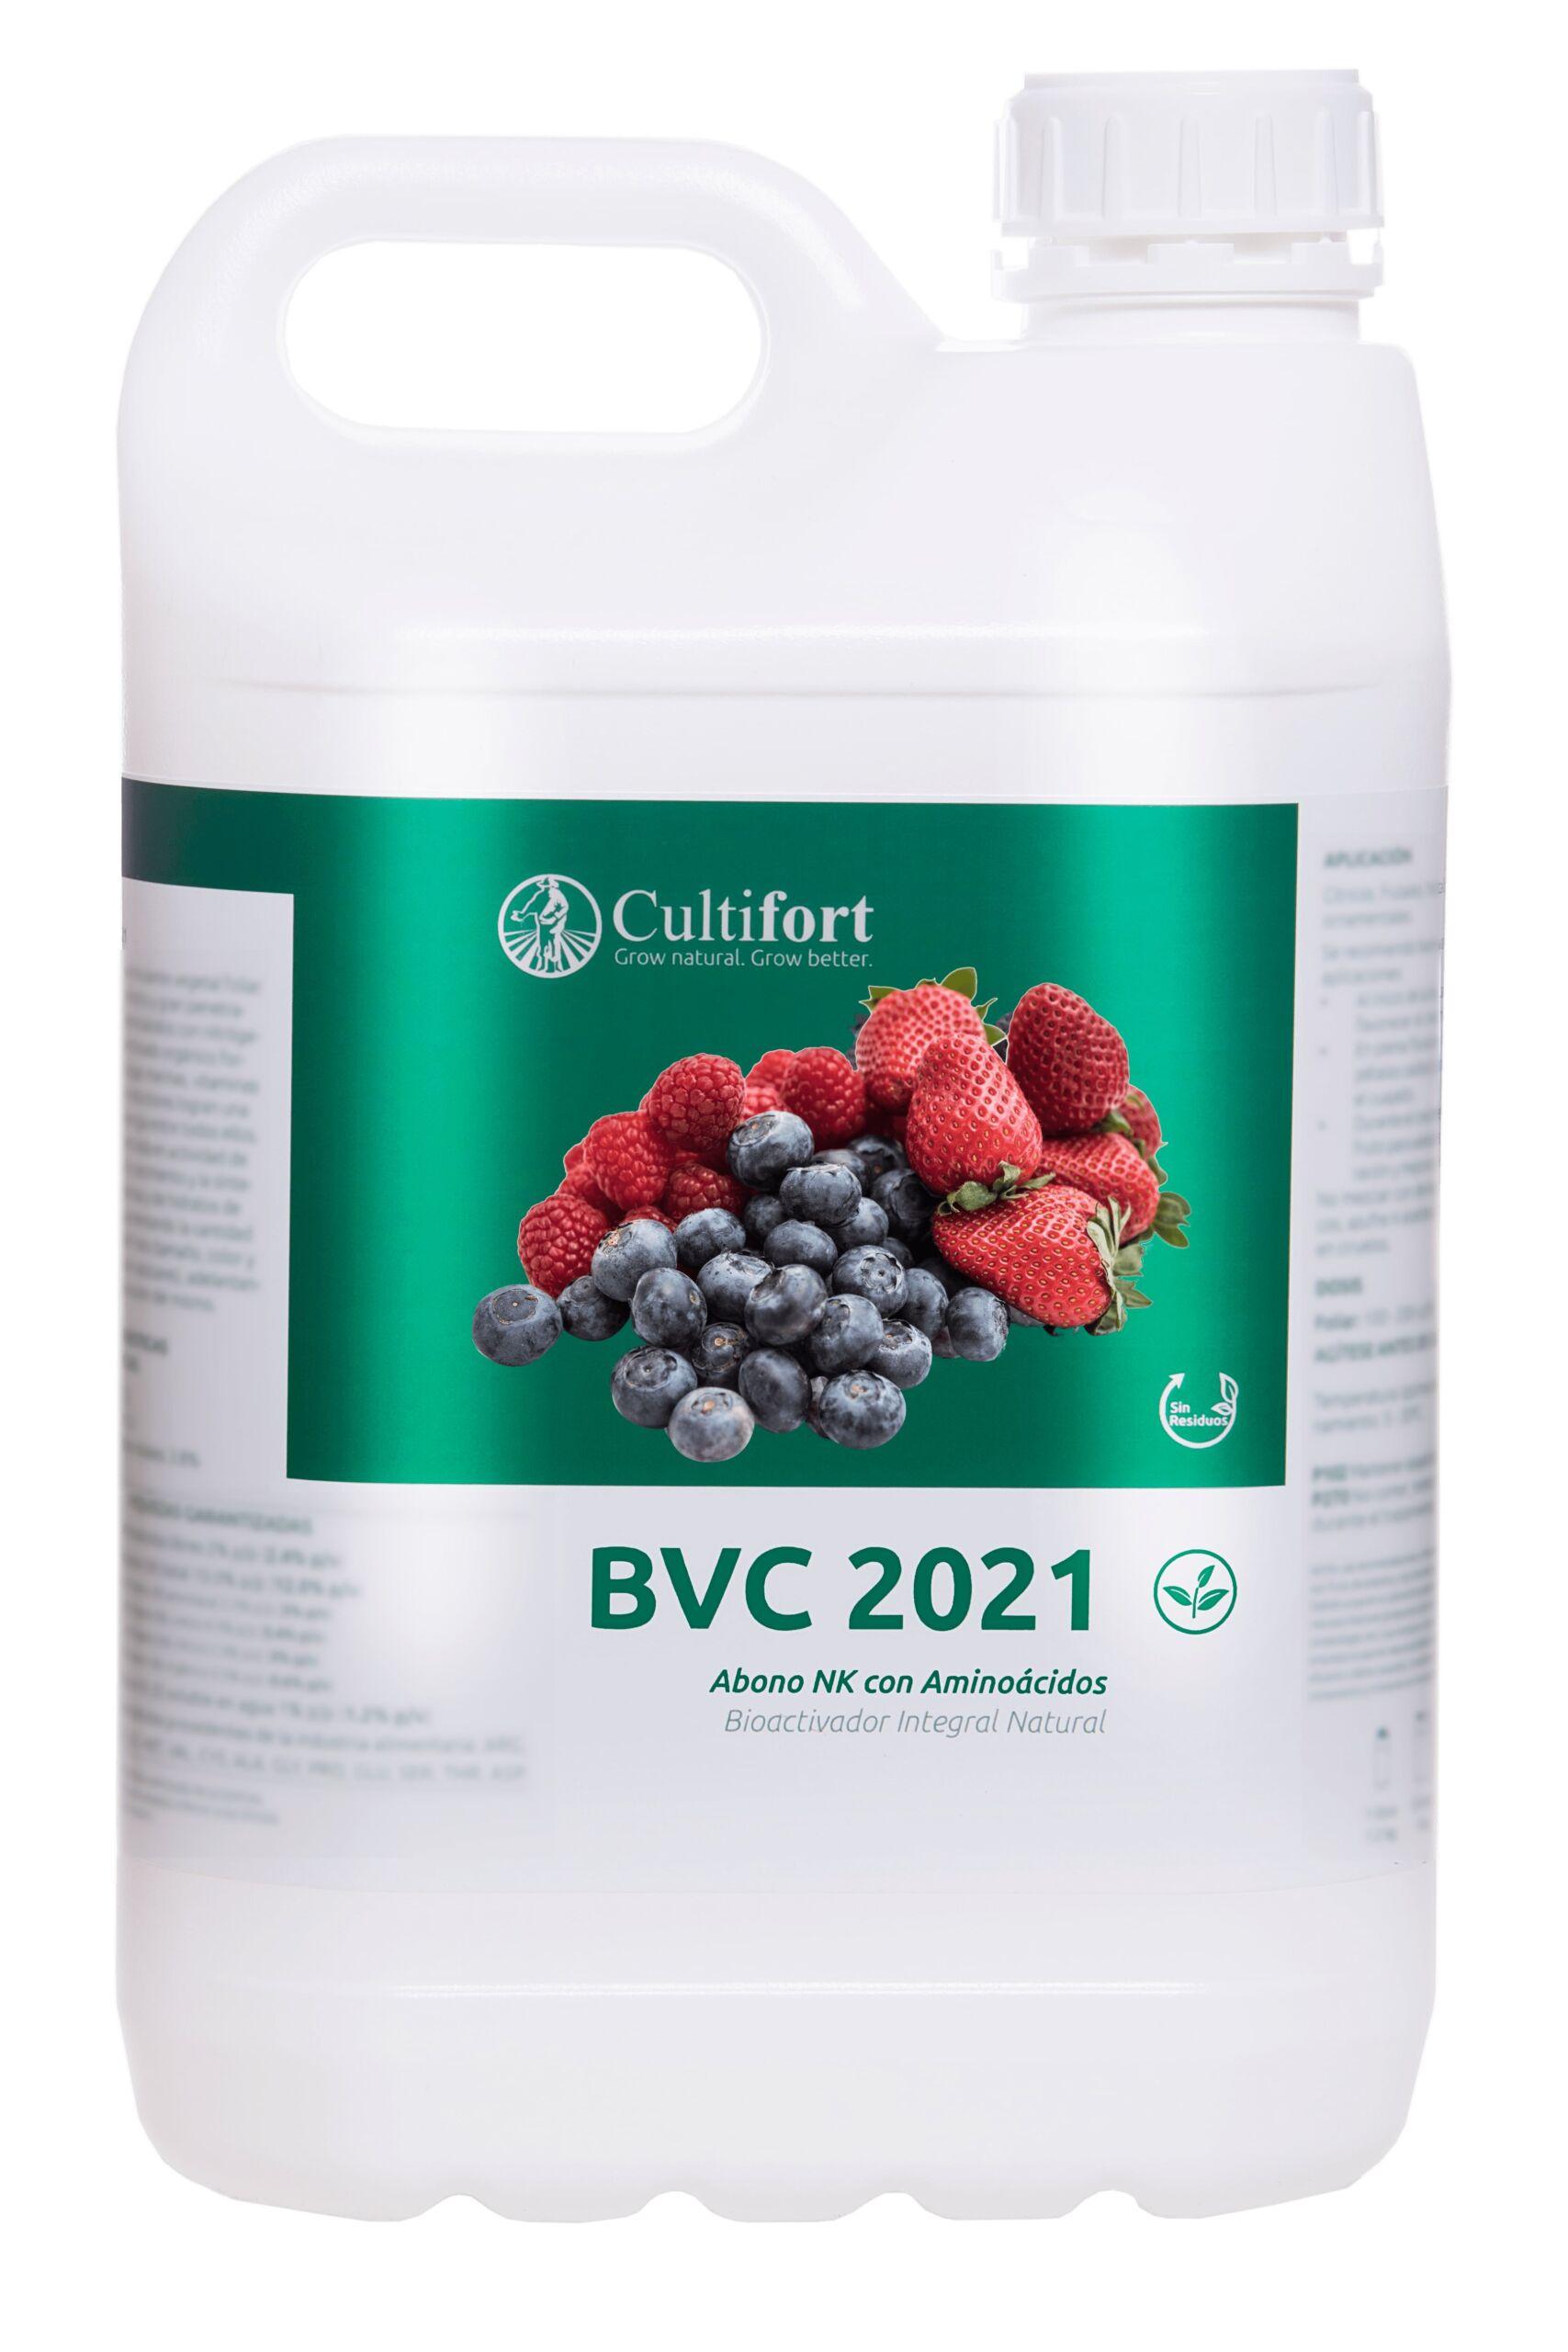 BVC 2021 5l